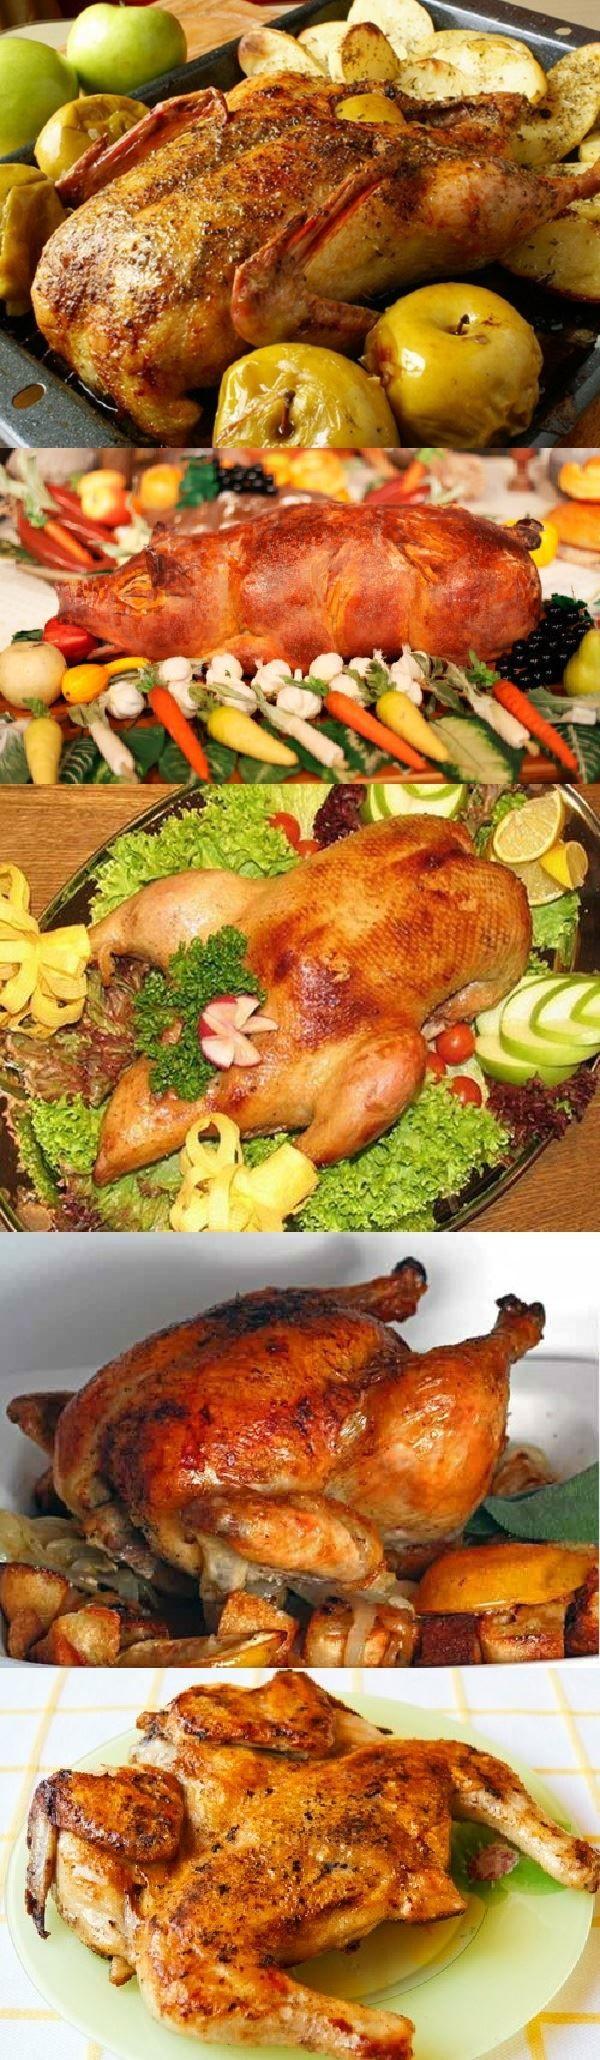 Пять рецептов мясных блюд   Утка с яблоками, Поросенок запеченный, Утка фаршированная, Цыпленок на вертеле, Цыпленок табака.